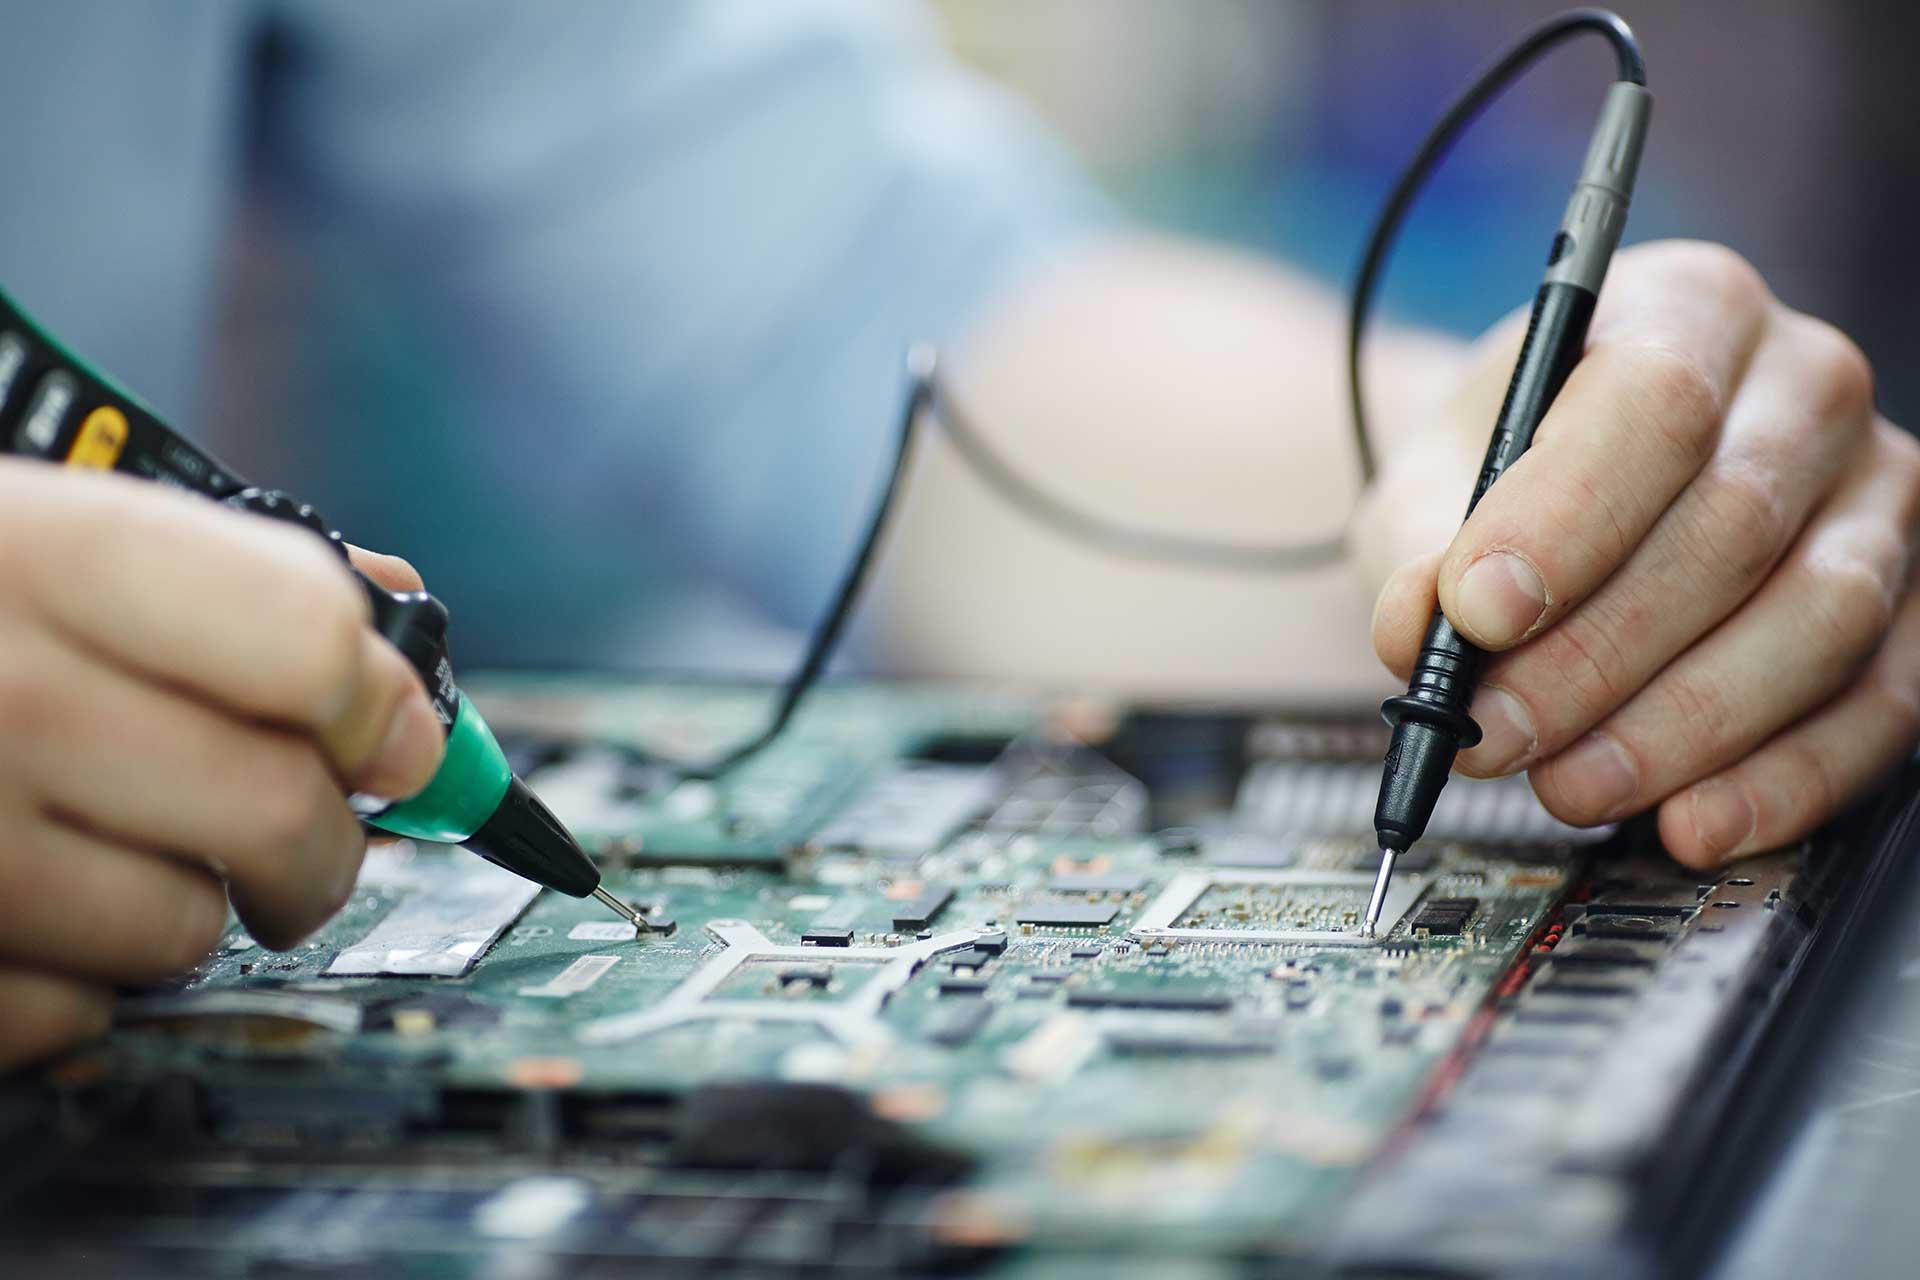 تعمیر برد کامپیوتر